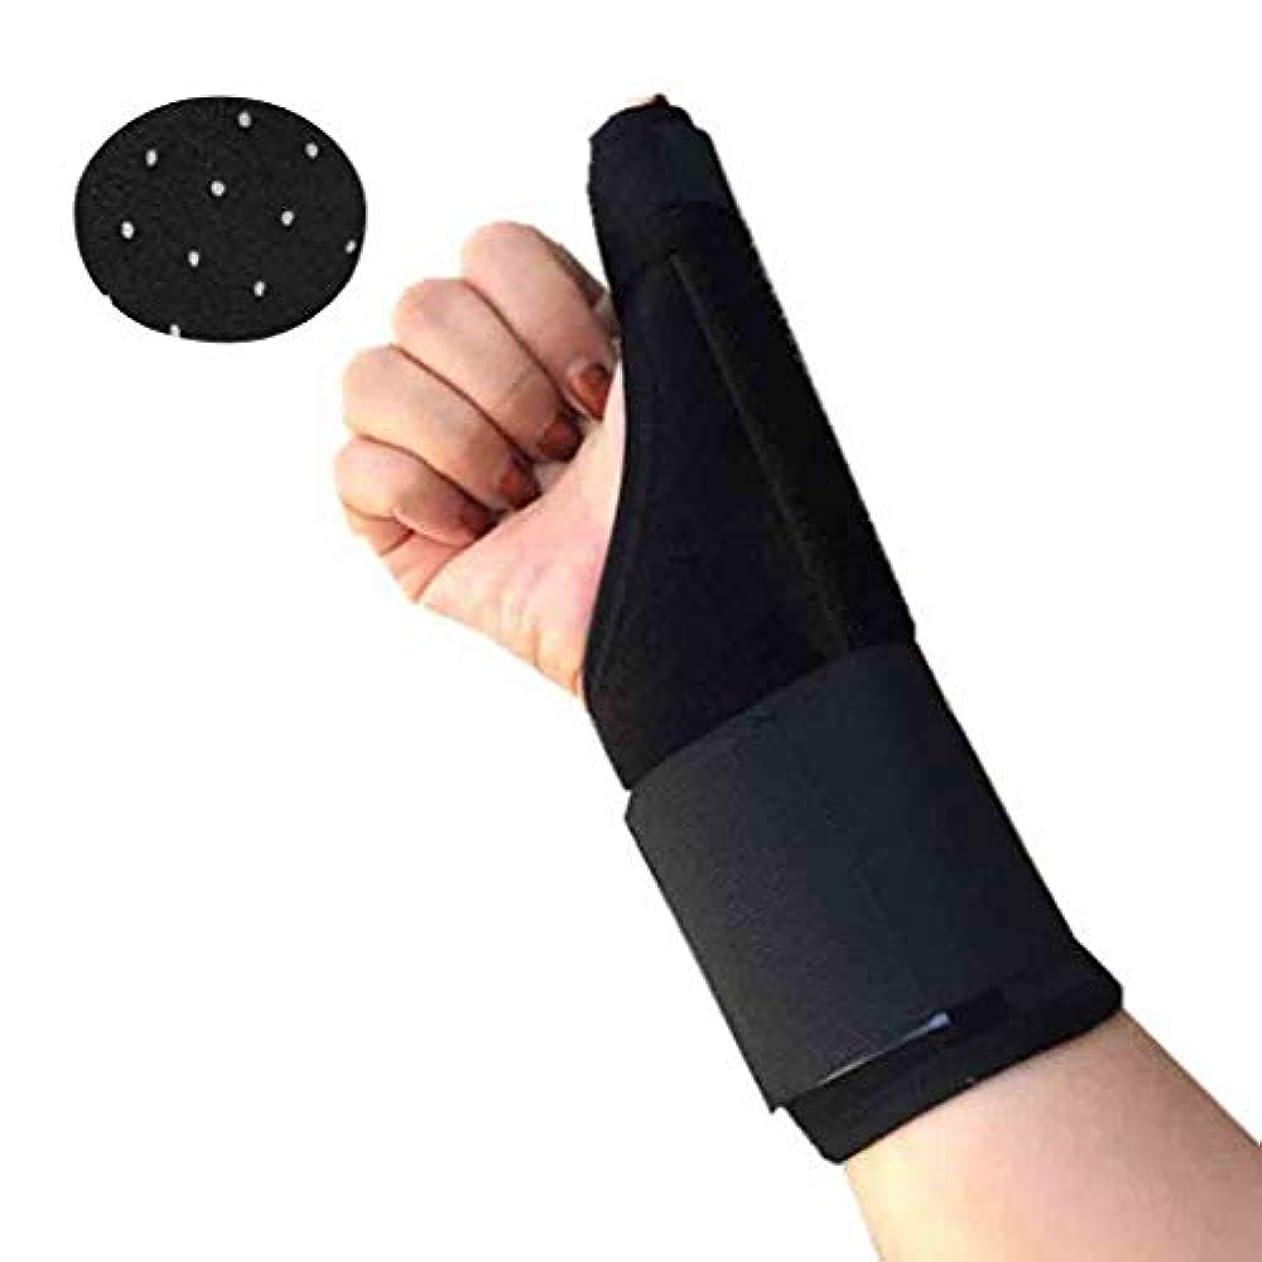 焼く気まぐれな下手関節炎のThumbスプリントは、手根管トンネルのThumb関節Thumbブレースを固定する手首の痛みの救済は、右手と左手の両方にフィット Roscloud@